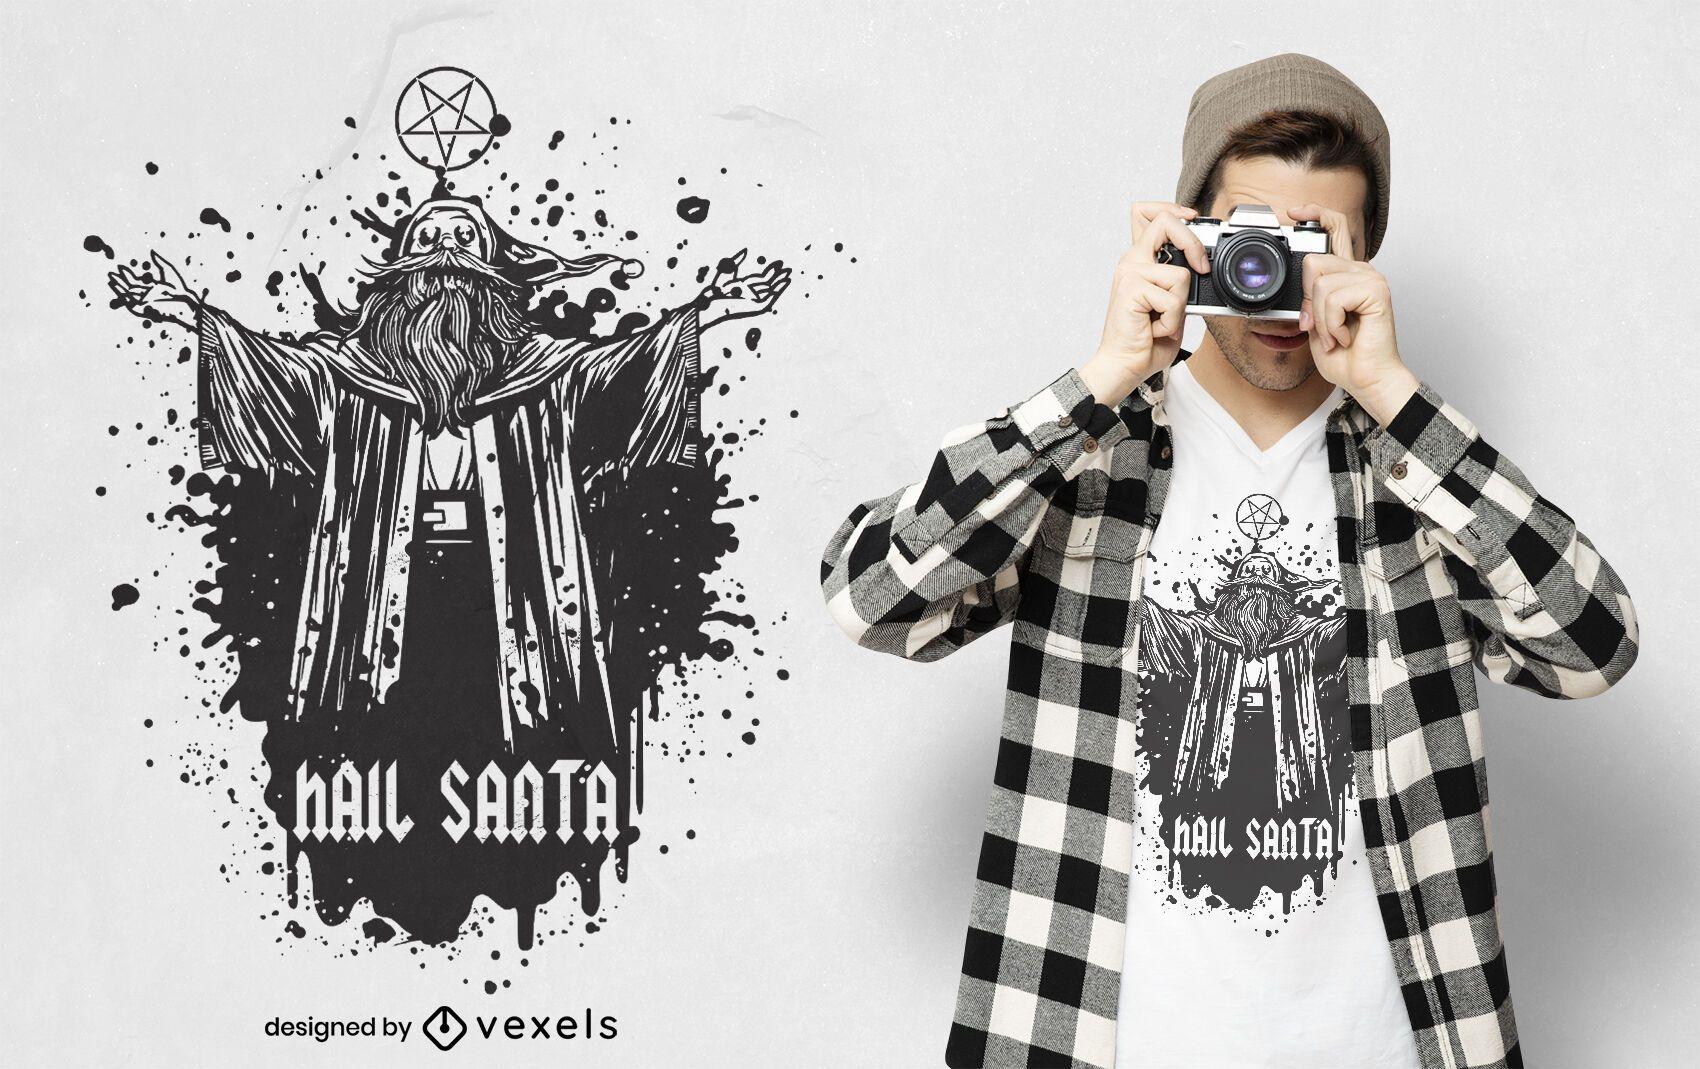 Hail santa t-shirt design